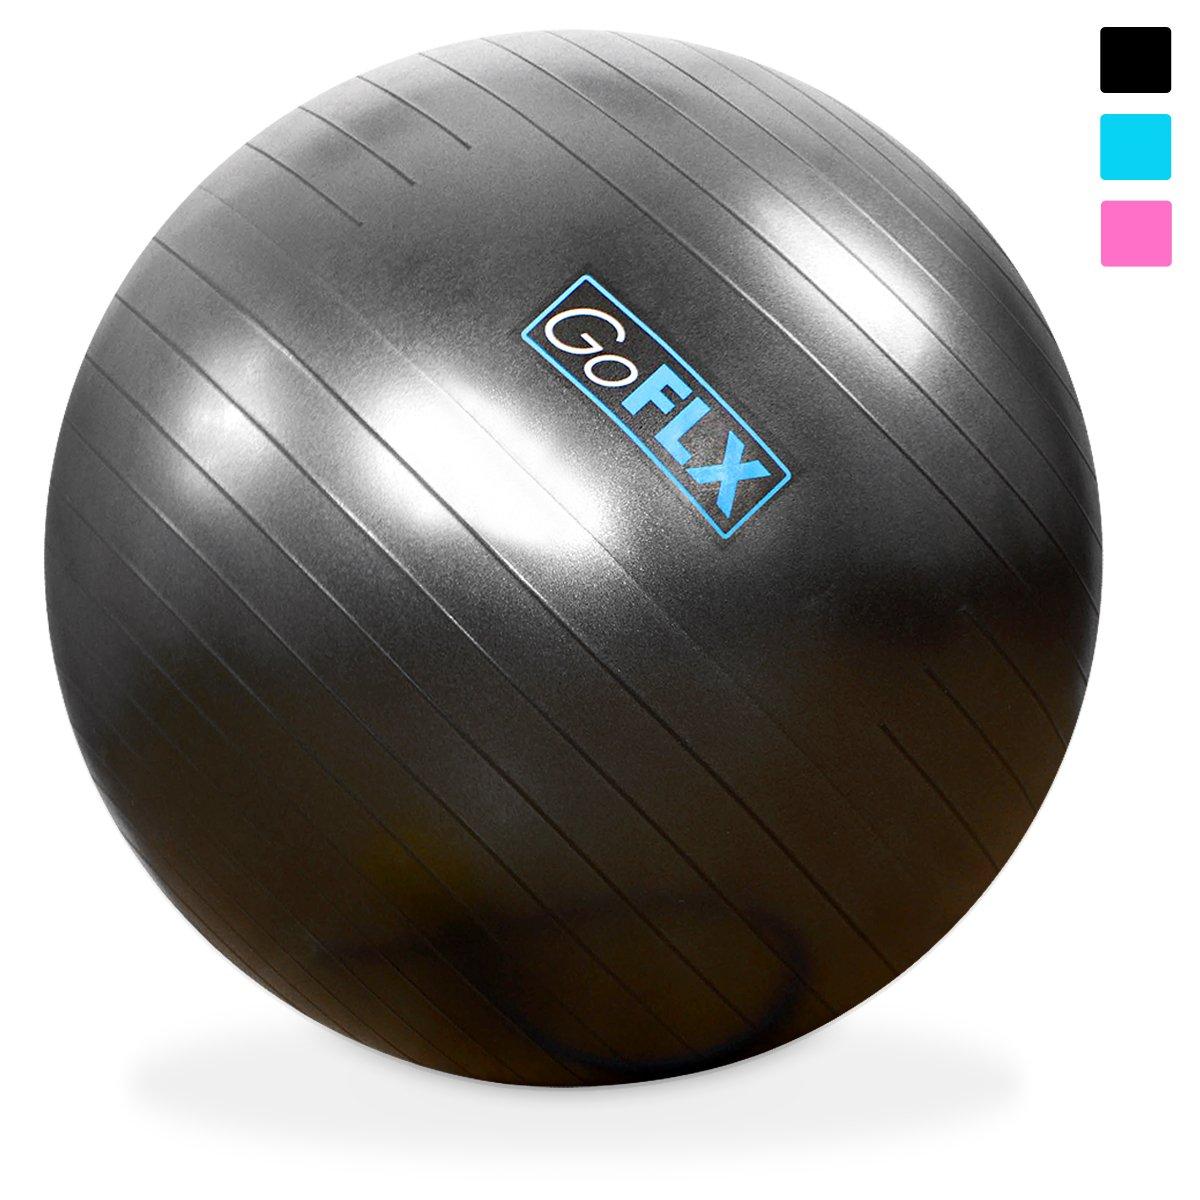 好評 GoFLX バランスボール 65cm ポンプ付 - ヨガ ポンプ付 CM|ブラック B00S6LZM9O、エクササイズに最適。耐荷重200kgまで対応のエクササイズボール(ブルー) B00S6LZM9O ブラック 75 CM 75 CM|ブラック, リトルトランク:0c22b24c --- arianechie.dominiotemporario.com